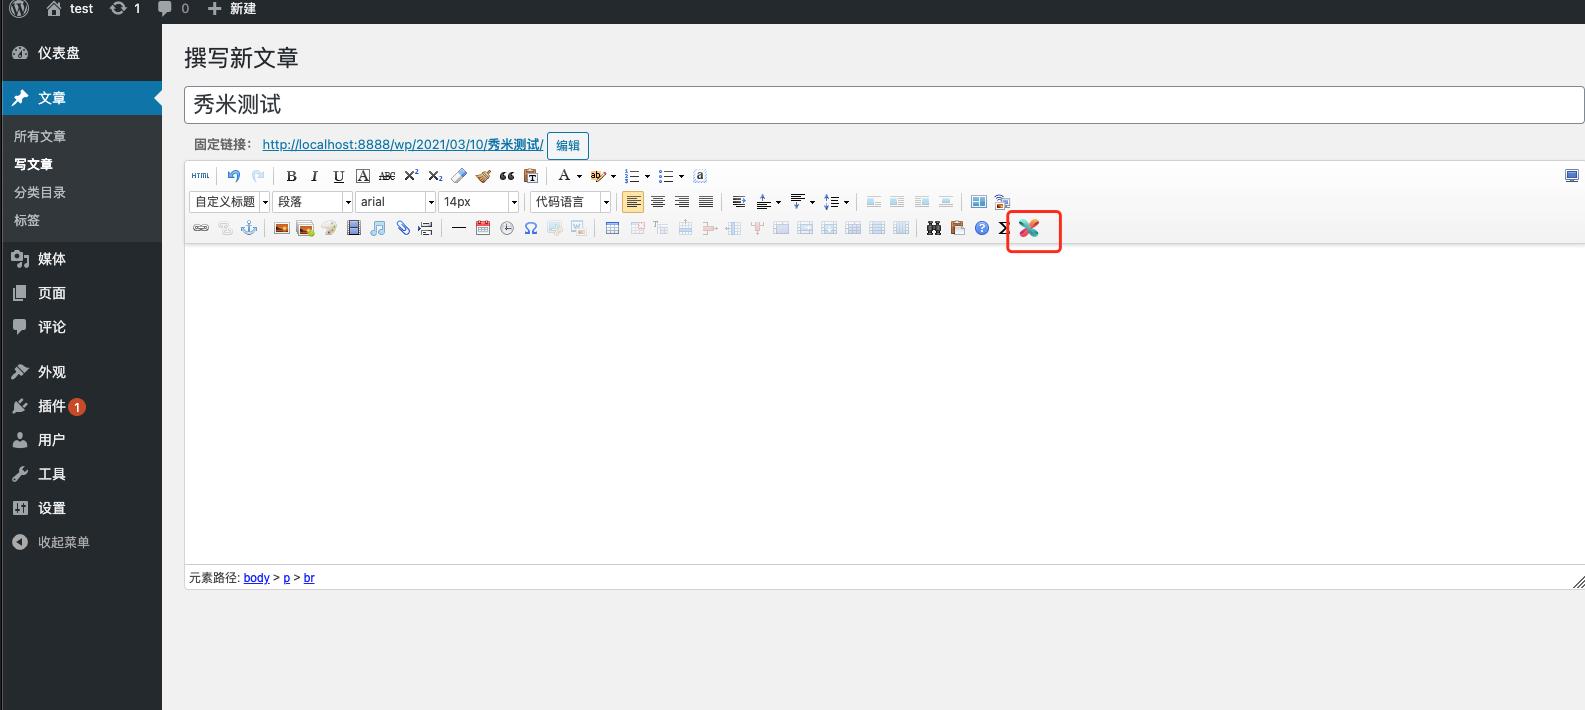 Wordpress UEditor编辑器秀米图文排版插件【全网首发】